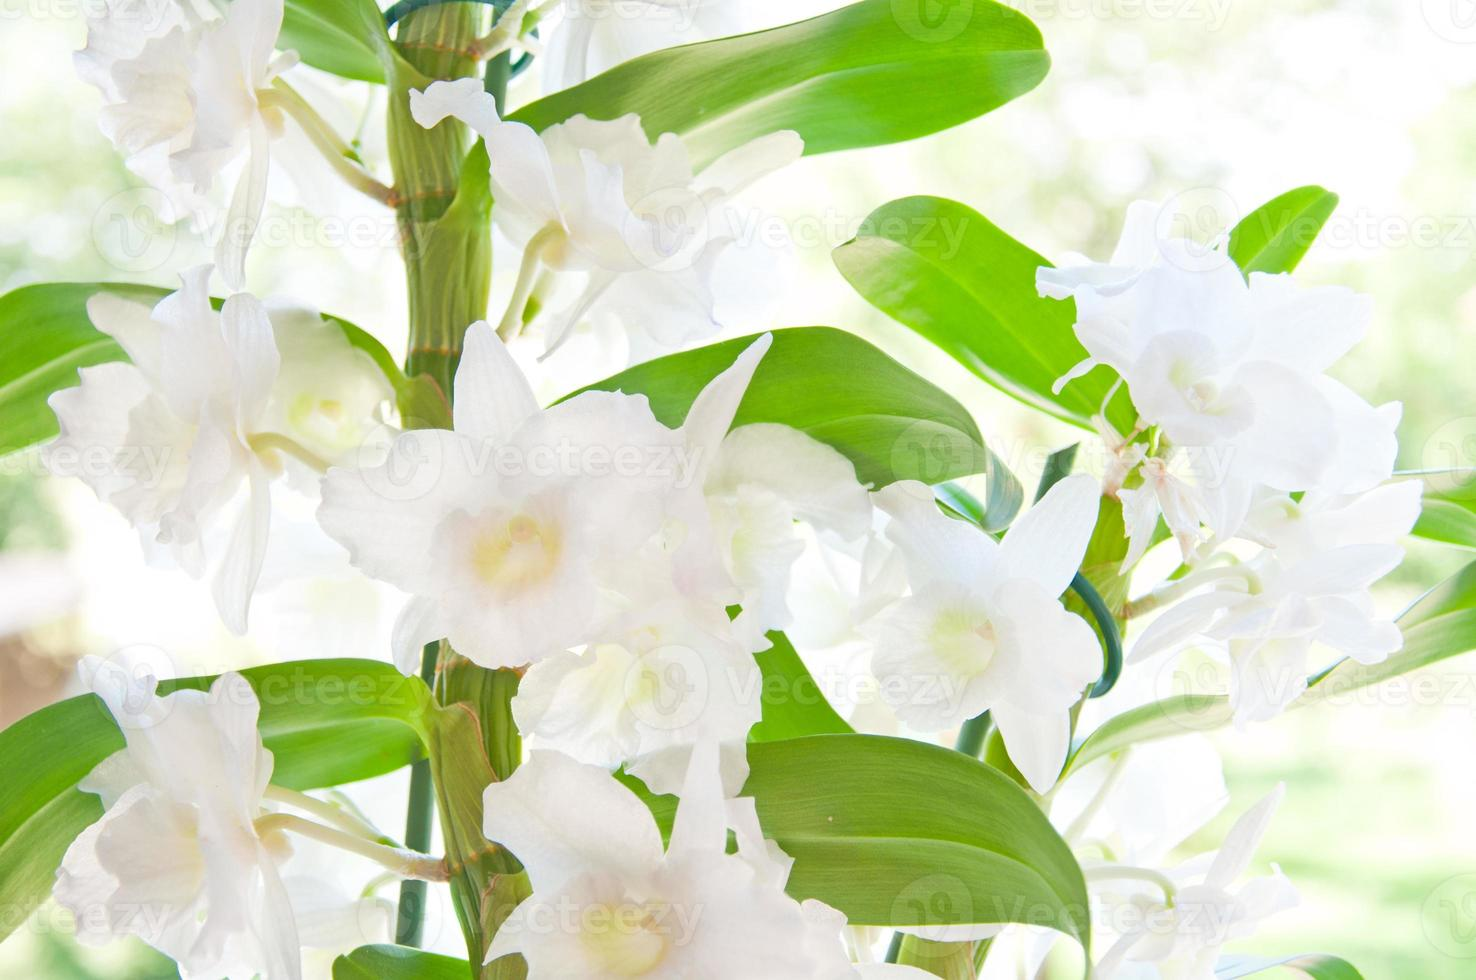 Nahaufnahme einer schönen weißen Cattleya Orchidee foto